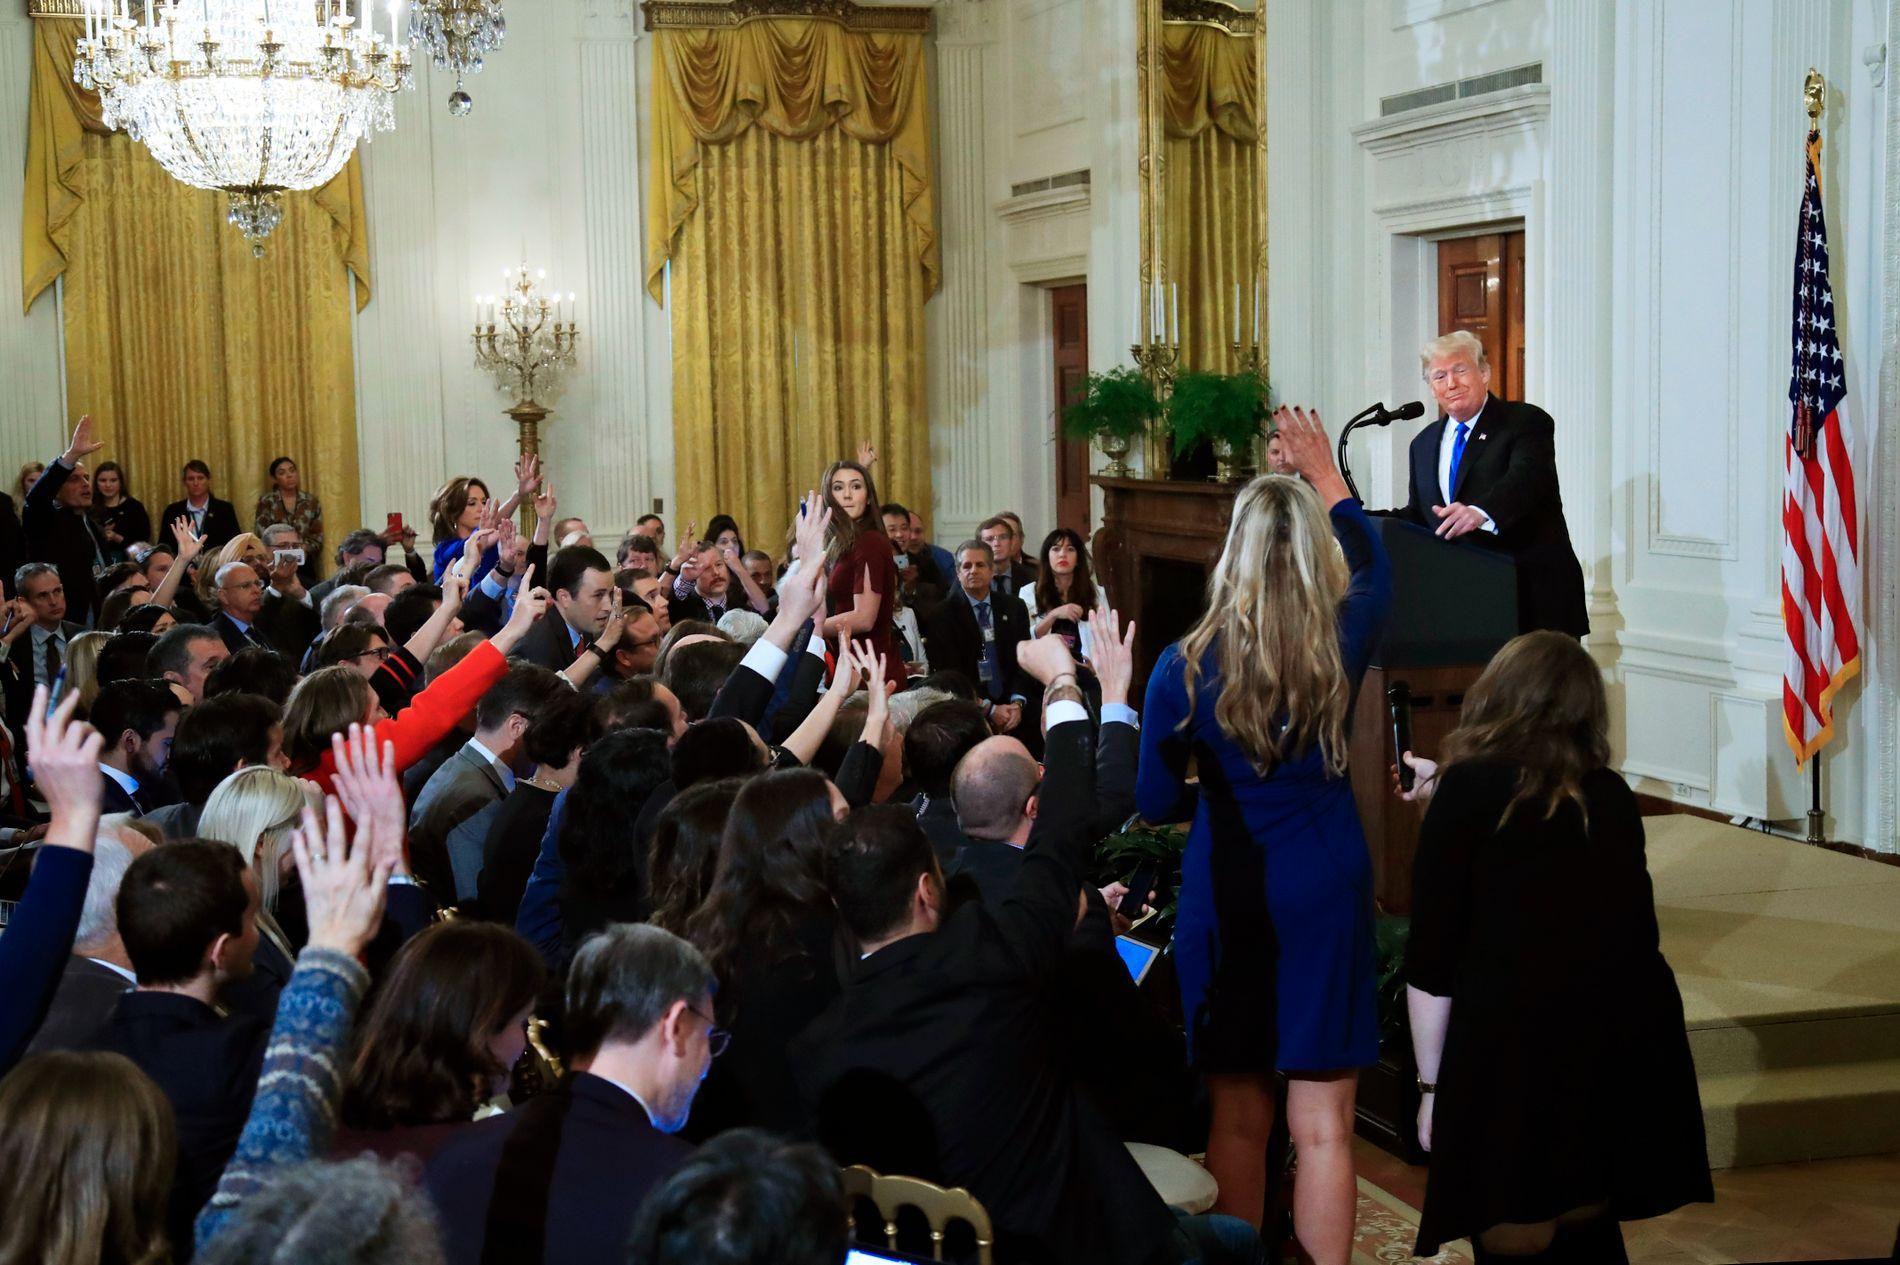 En halvtime på overtid startet president Donald Trump pressekonferansen hvor han snakket om utfallet av mellomvalget. Han appellerte til et tverrpolitisk samarbeid mellom republikanerne og demokratene, men ble irritert på flere av spørsmålene fra pressen.